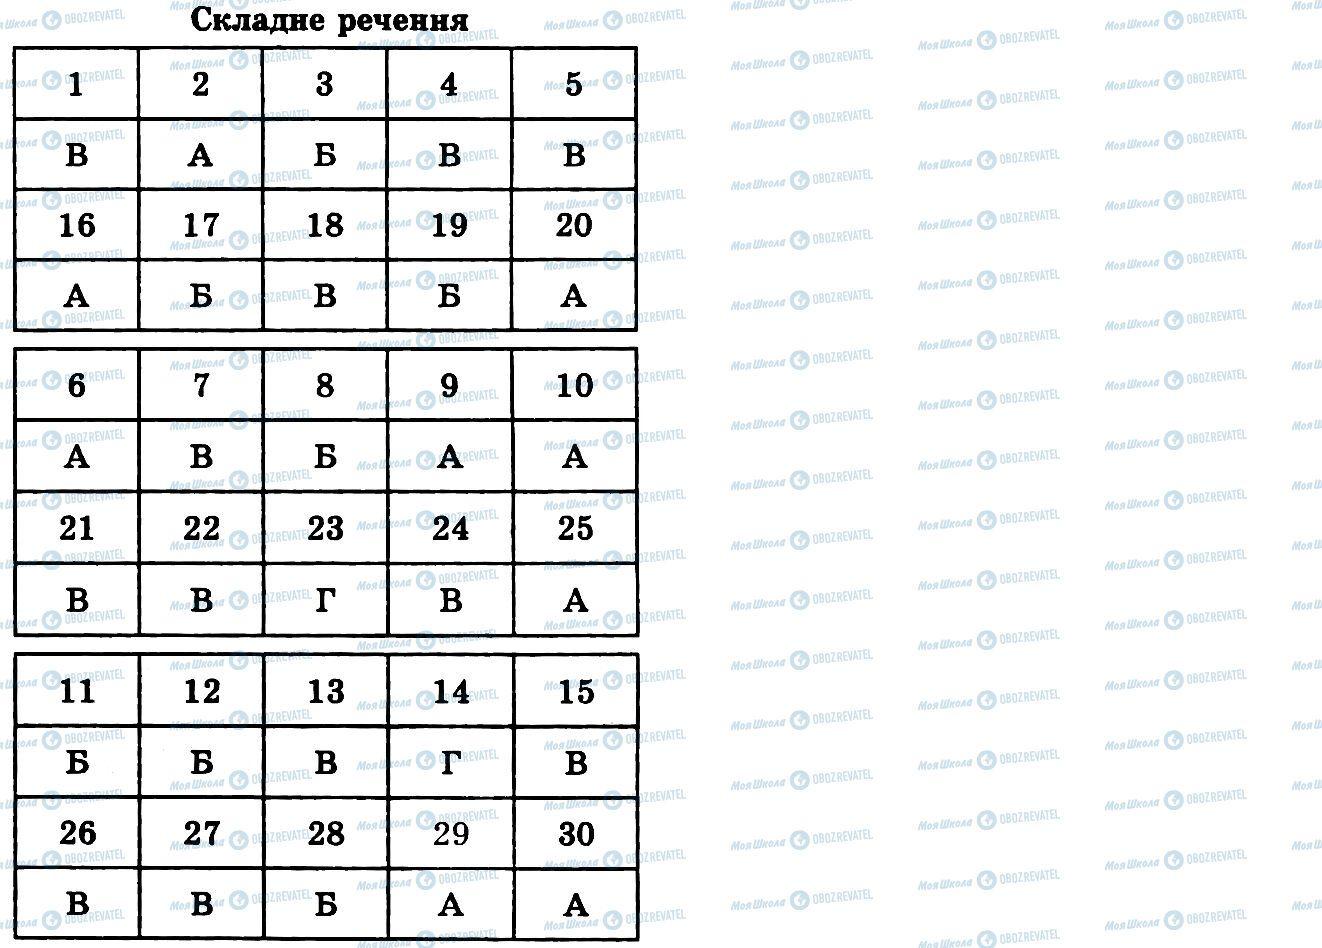 ГДЗ Українська мова 9 клас сторінка Складне речення